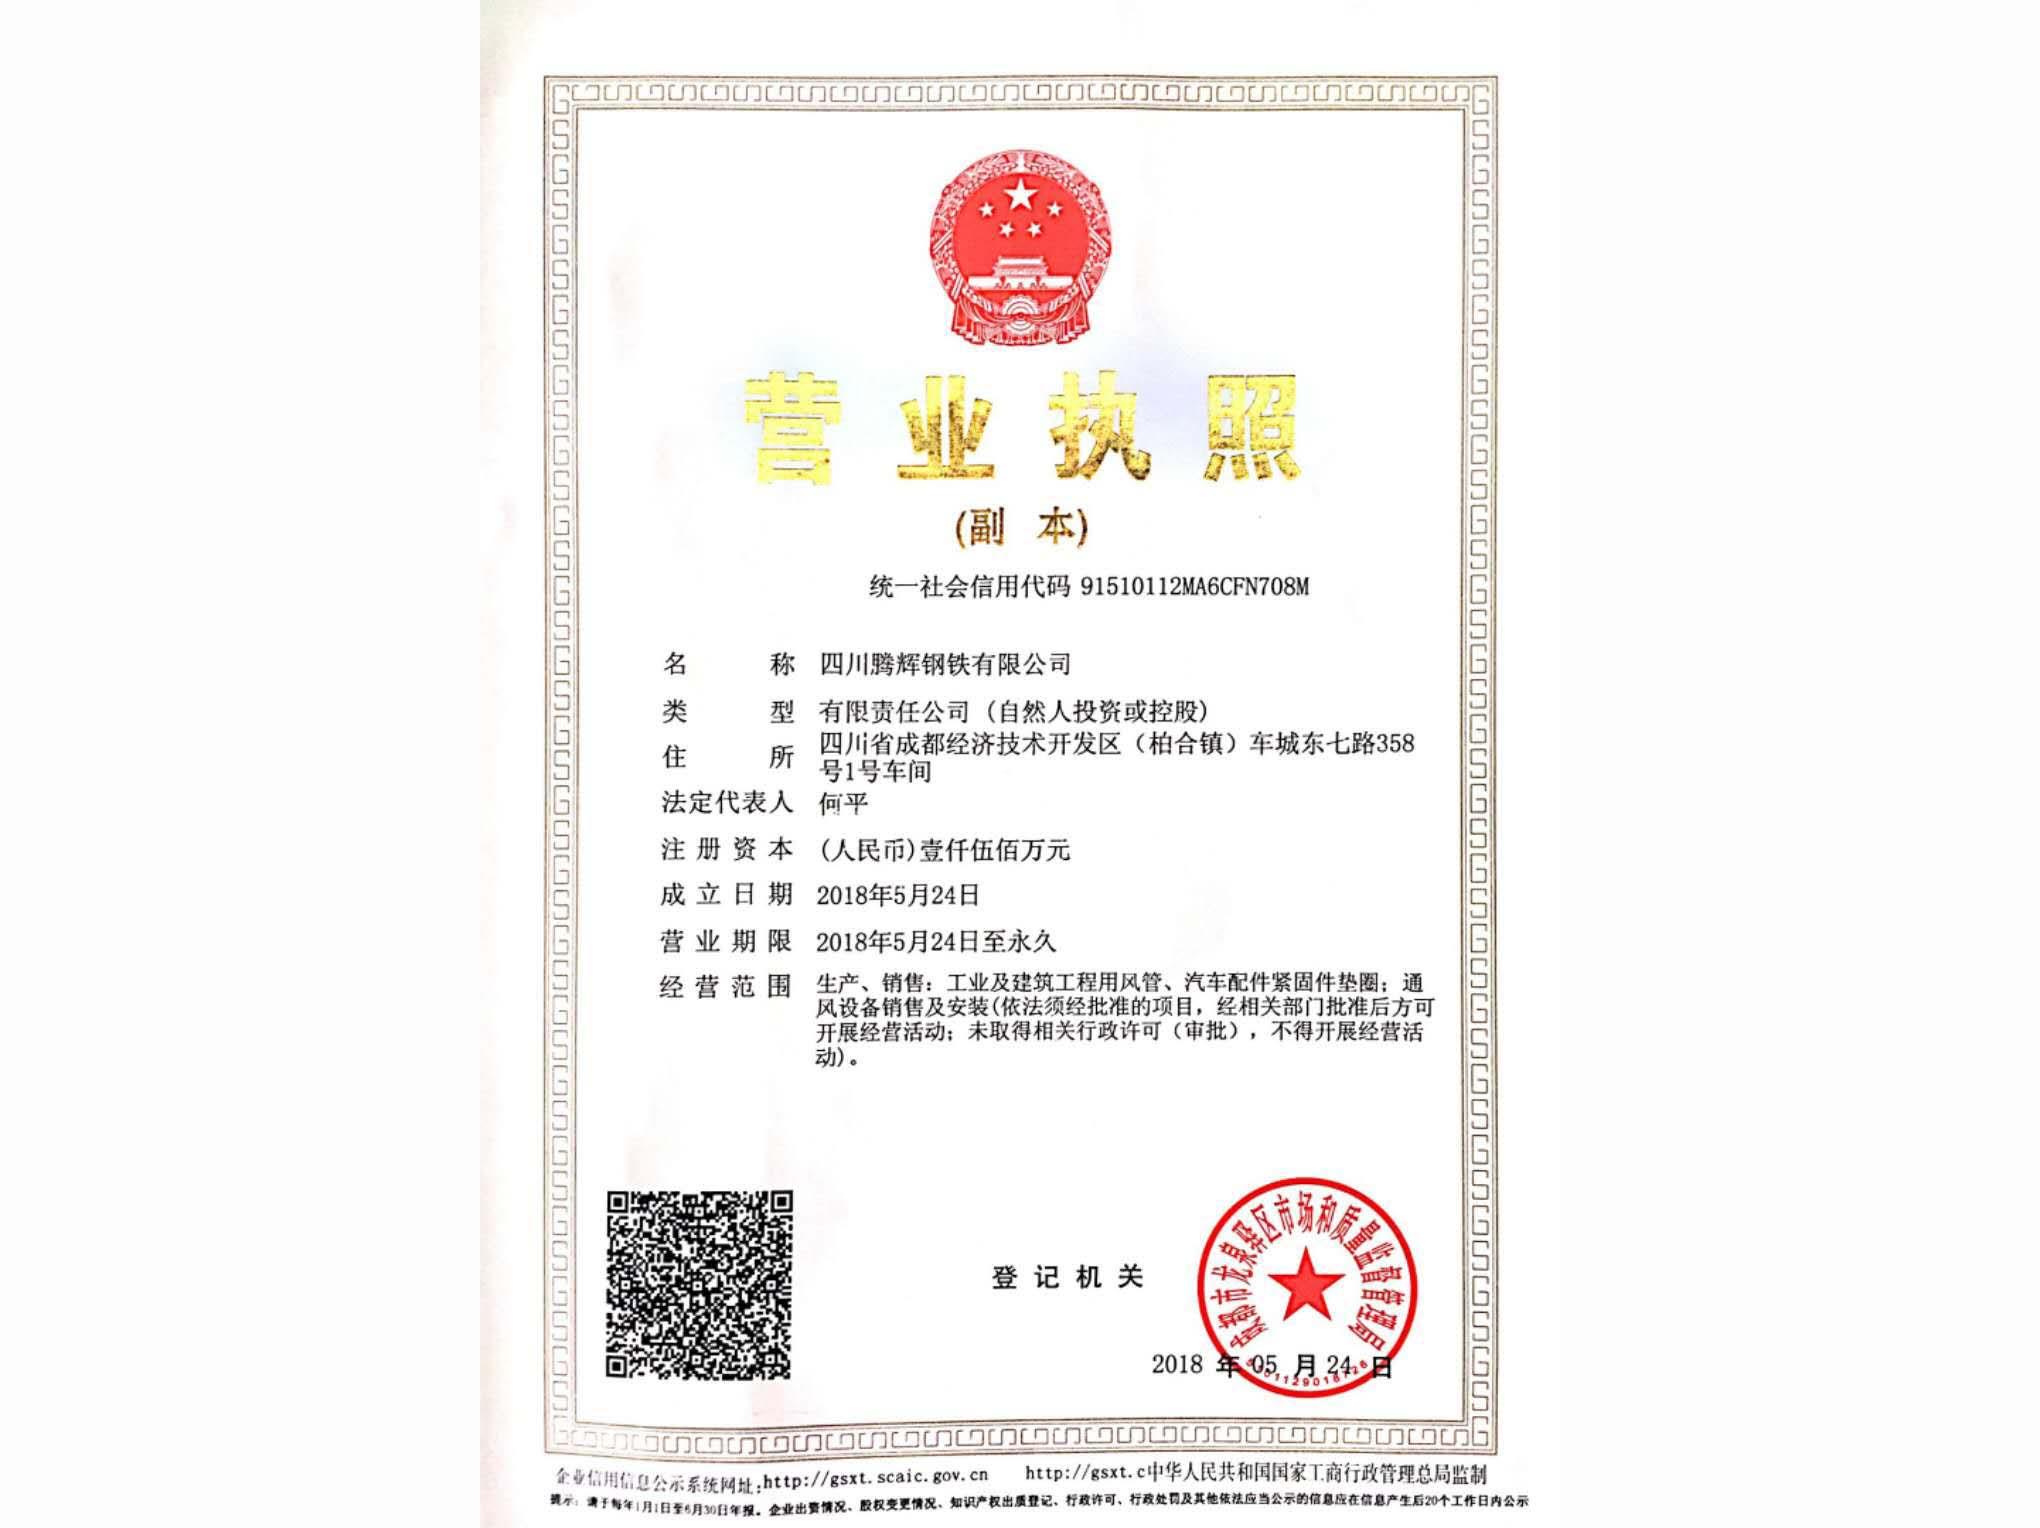 四川騰輝鋼鐵有限公司營業執照